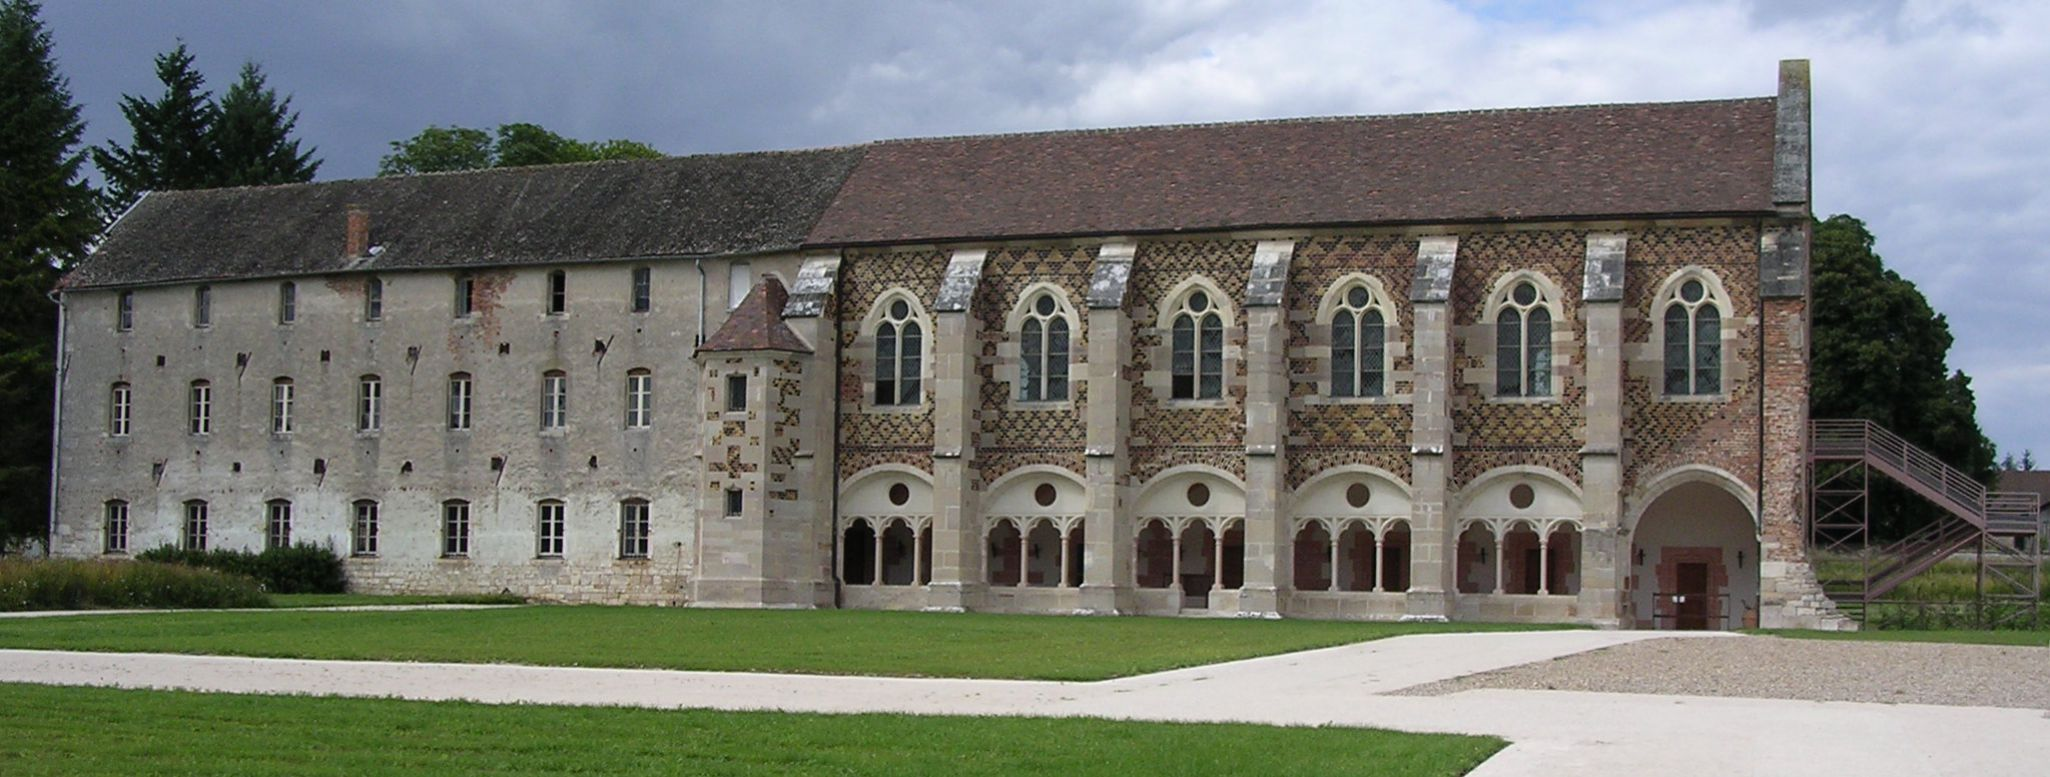 De bibliotheek van de abdij van Cîteaux